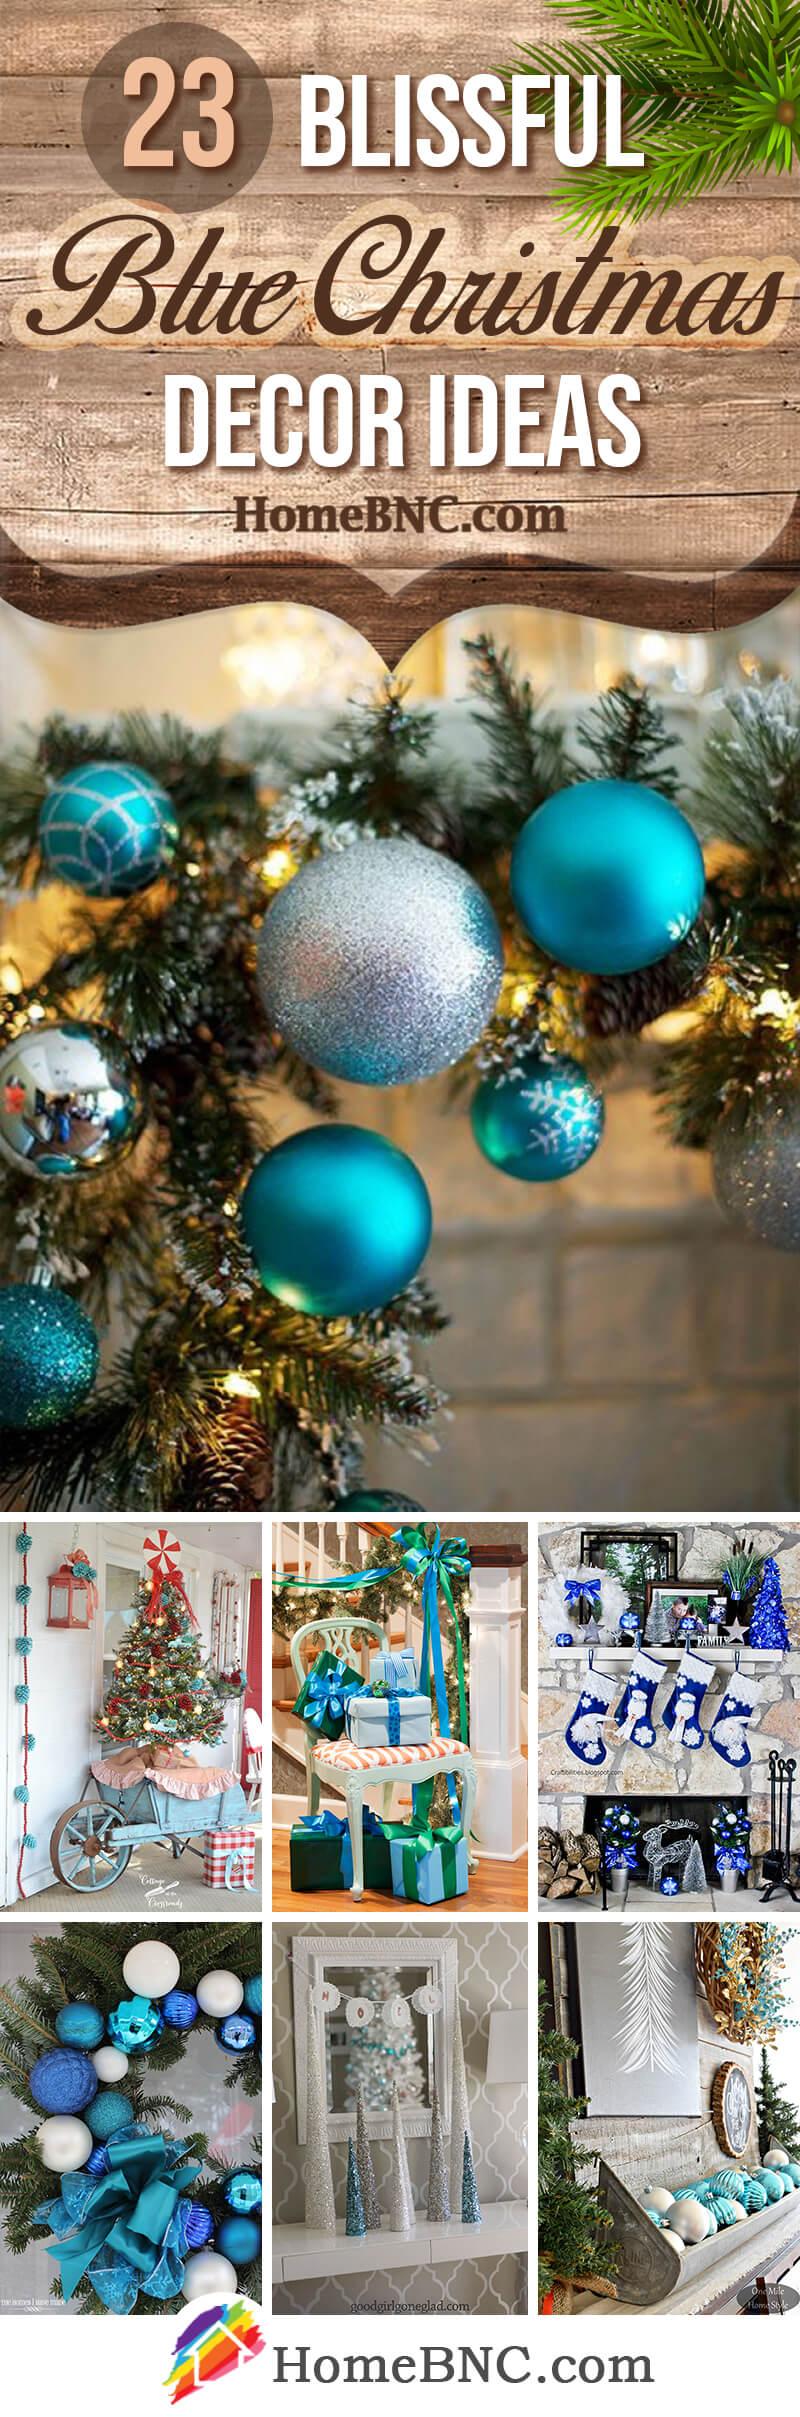 Blue Christmas Decor Ideas